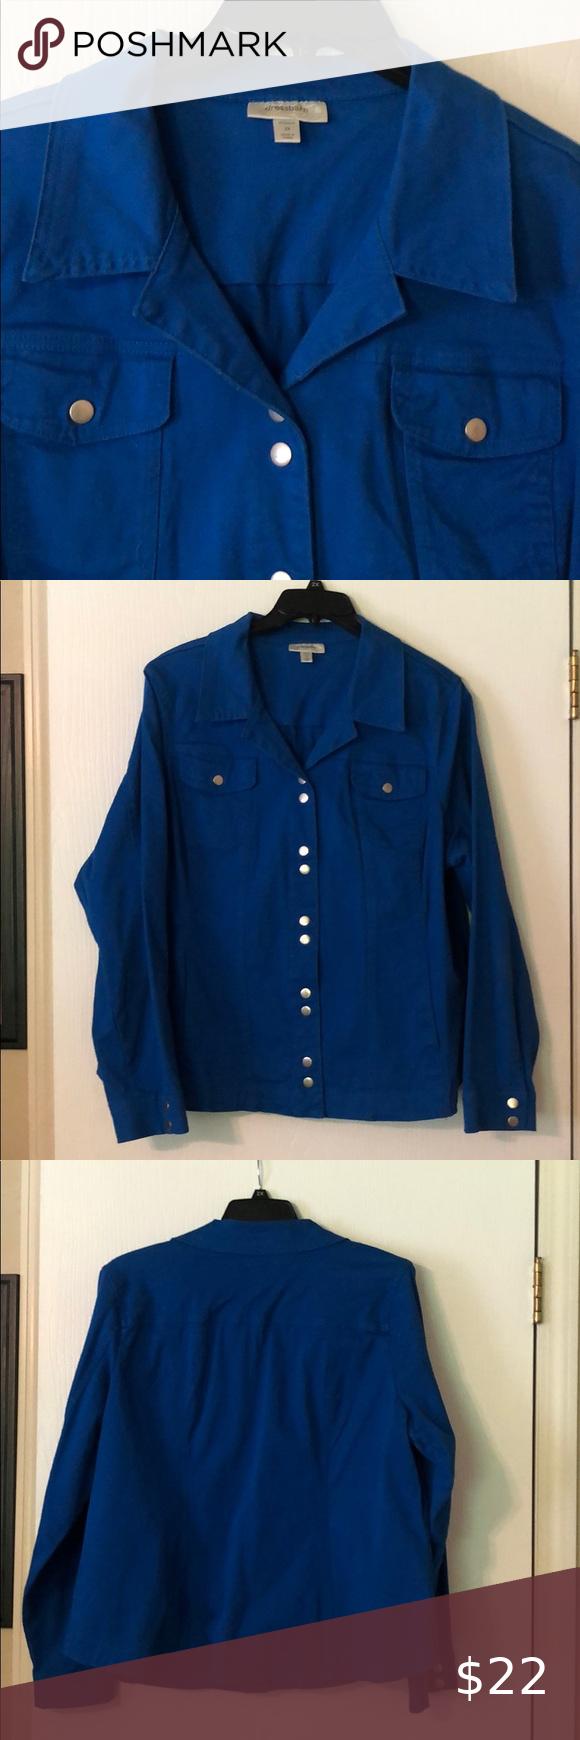 Royal Blue Denim Jacket Women S 2 X Denim Jacket Women Jackets For Women Blue Denim Jacket [ 1740 x 580 Pixel ]